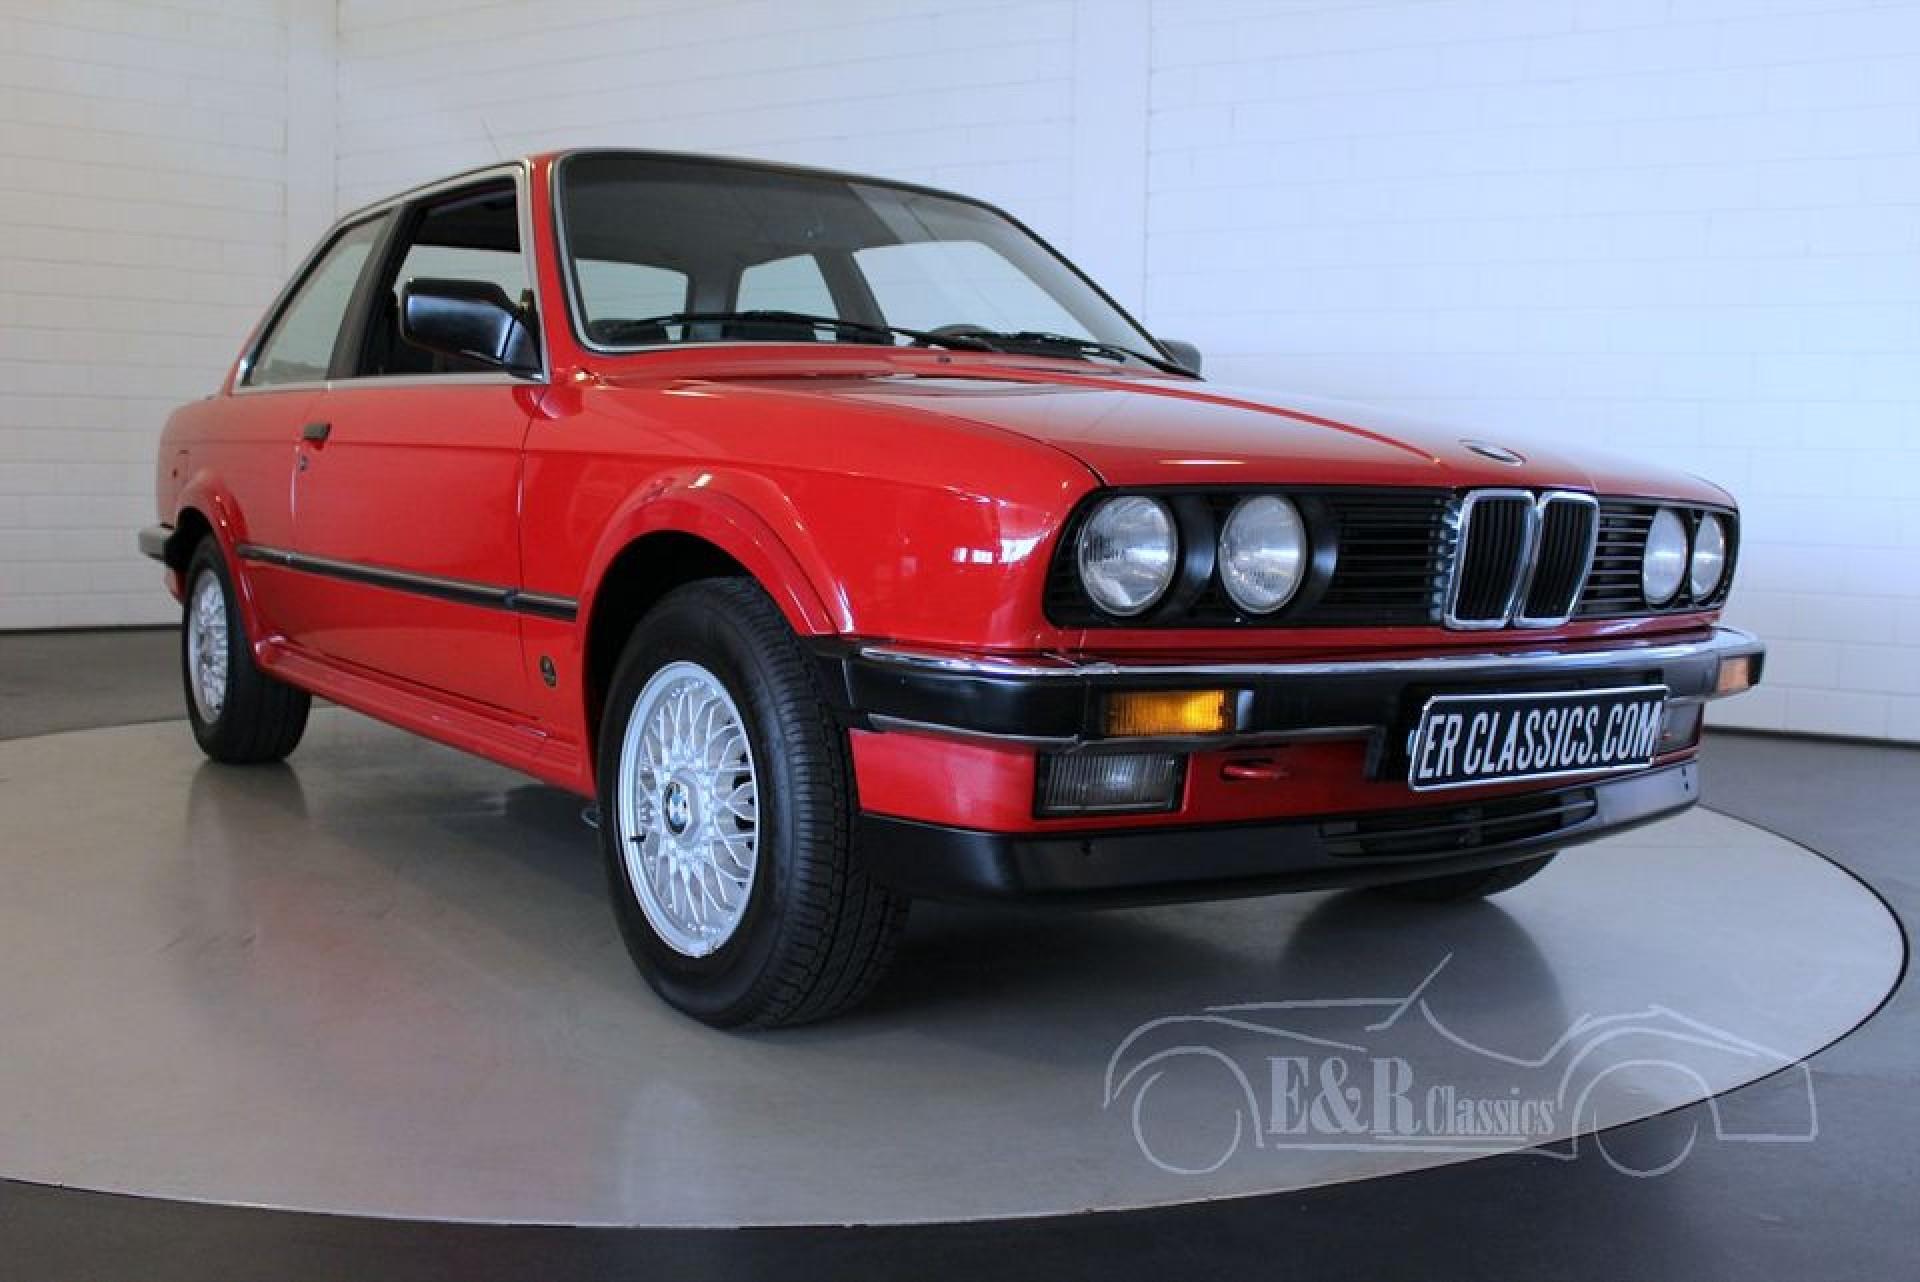 Bmw 325 Ix : bmw 325 ix e30 1987 for sale at erclassics ~ Nature-et-papiers.com Idées de Décoration